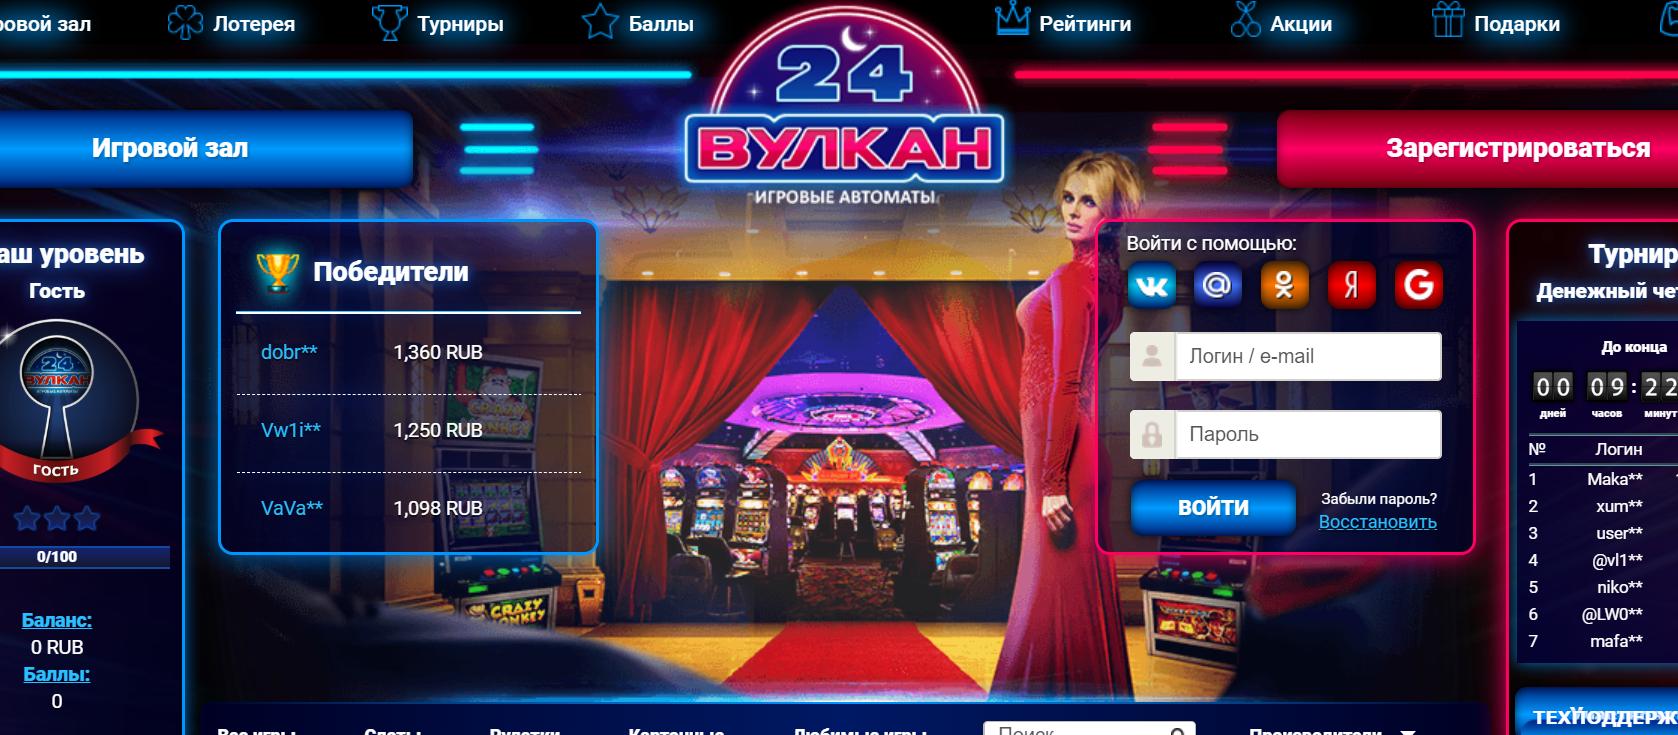 Официальный сайт казино 24Vulkan для безопасной игры в слоты